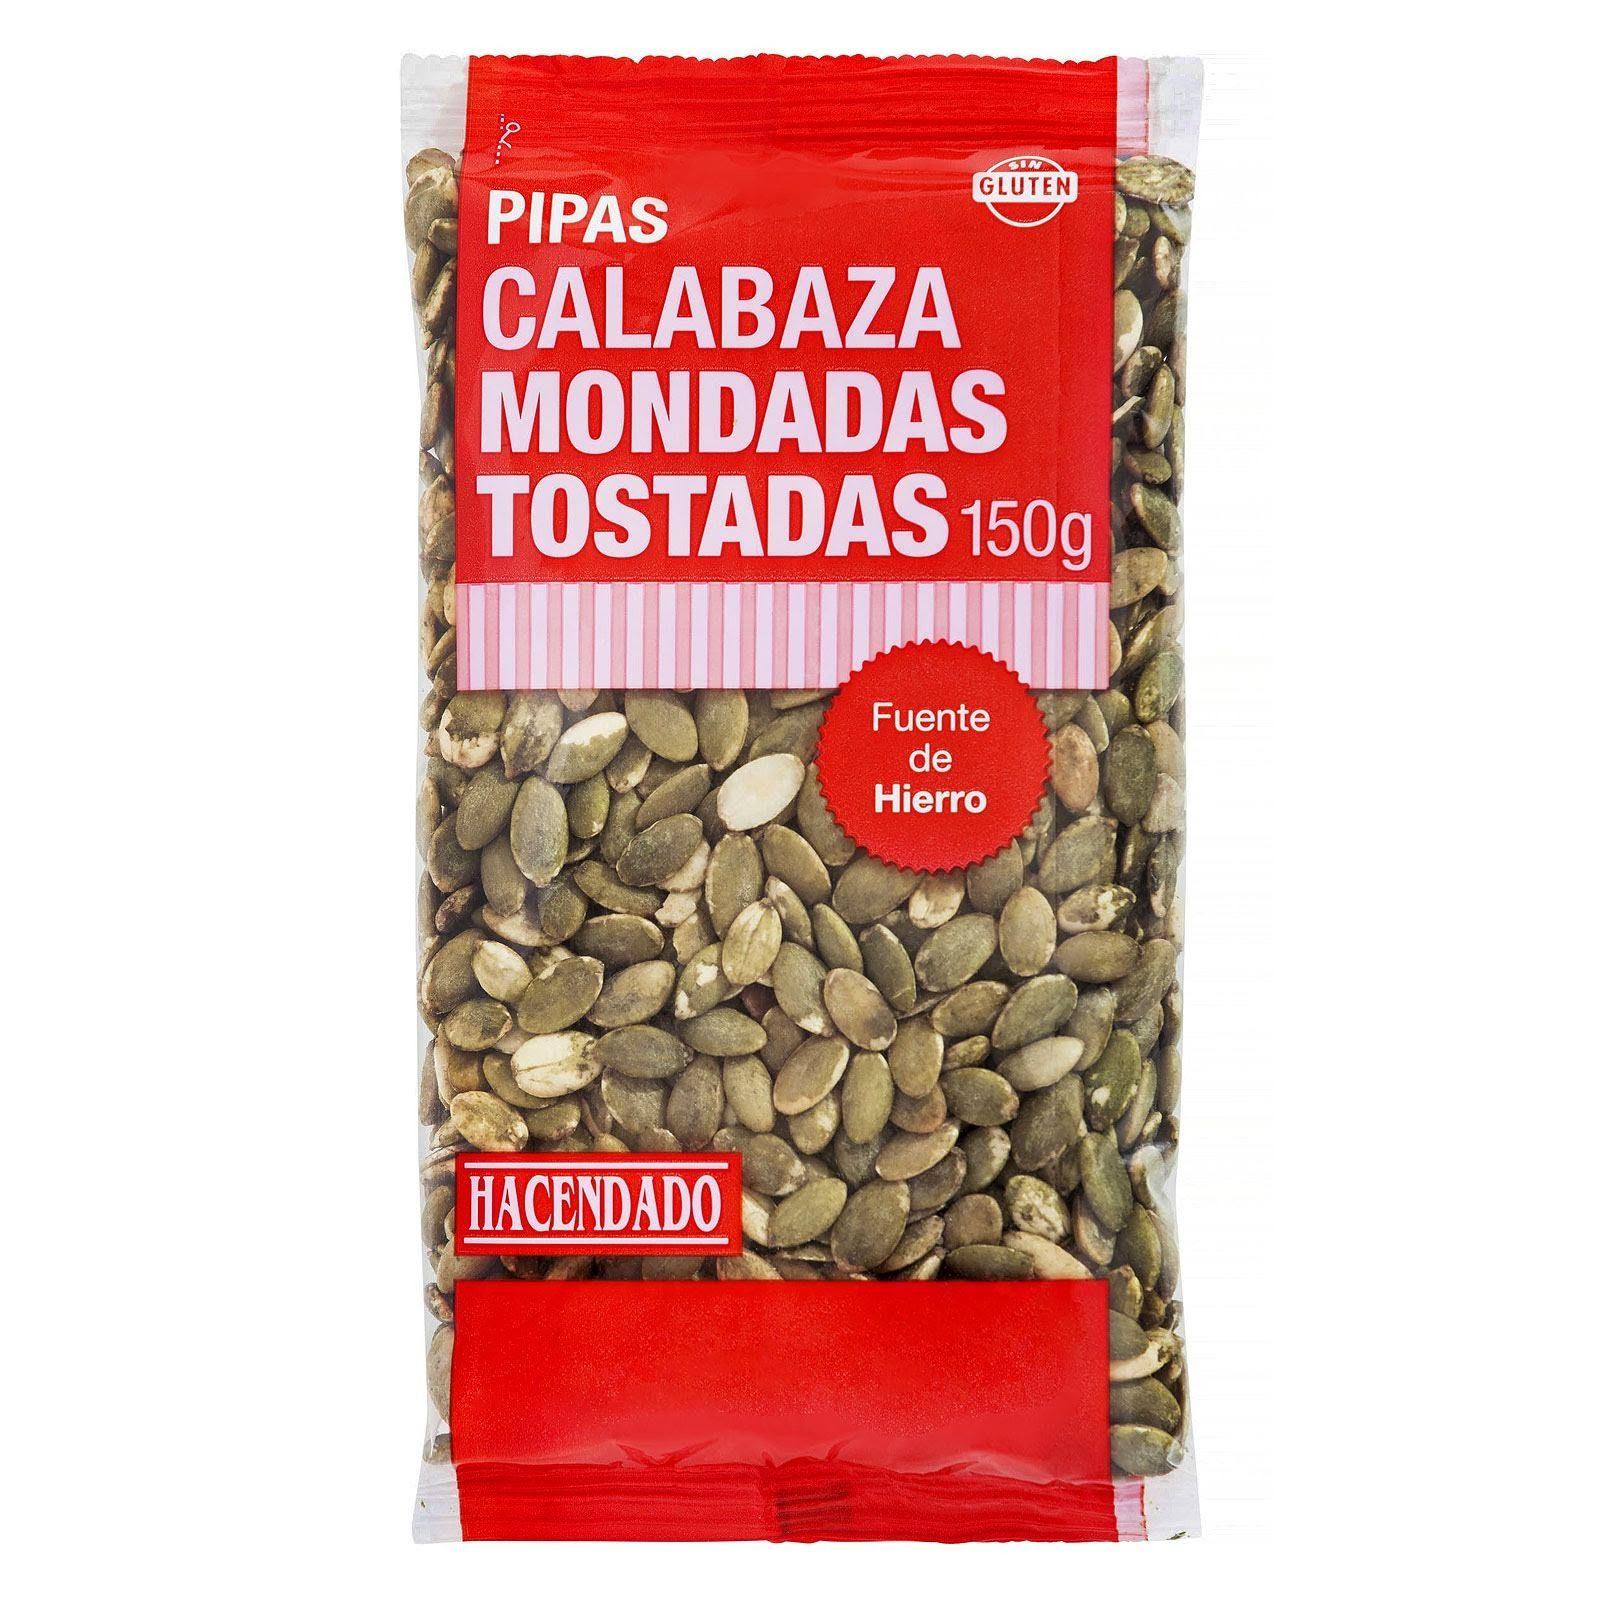 pipas-de-calabaza-mondadas-tostadas-hacendado-mercadona-1-8558601